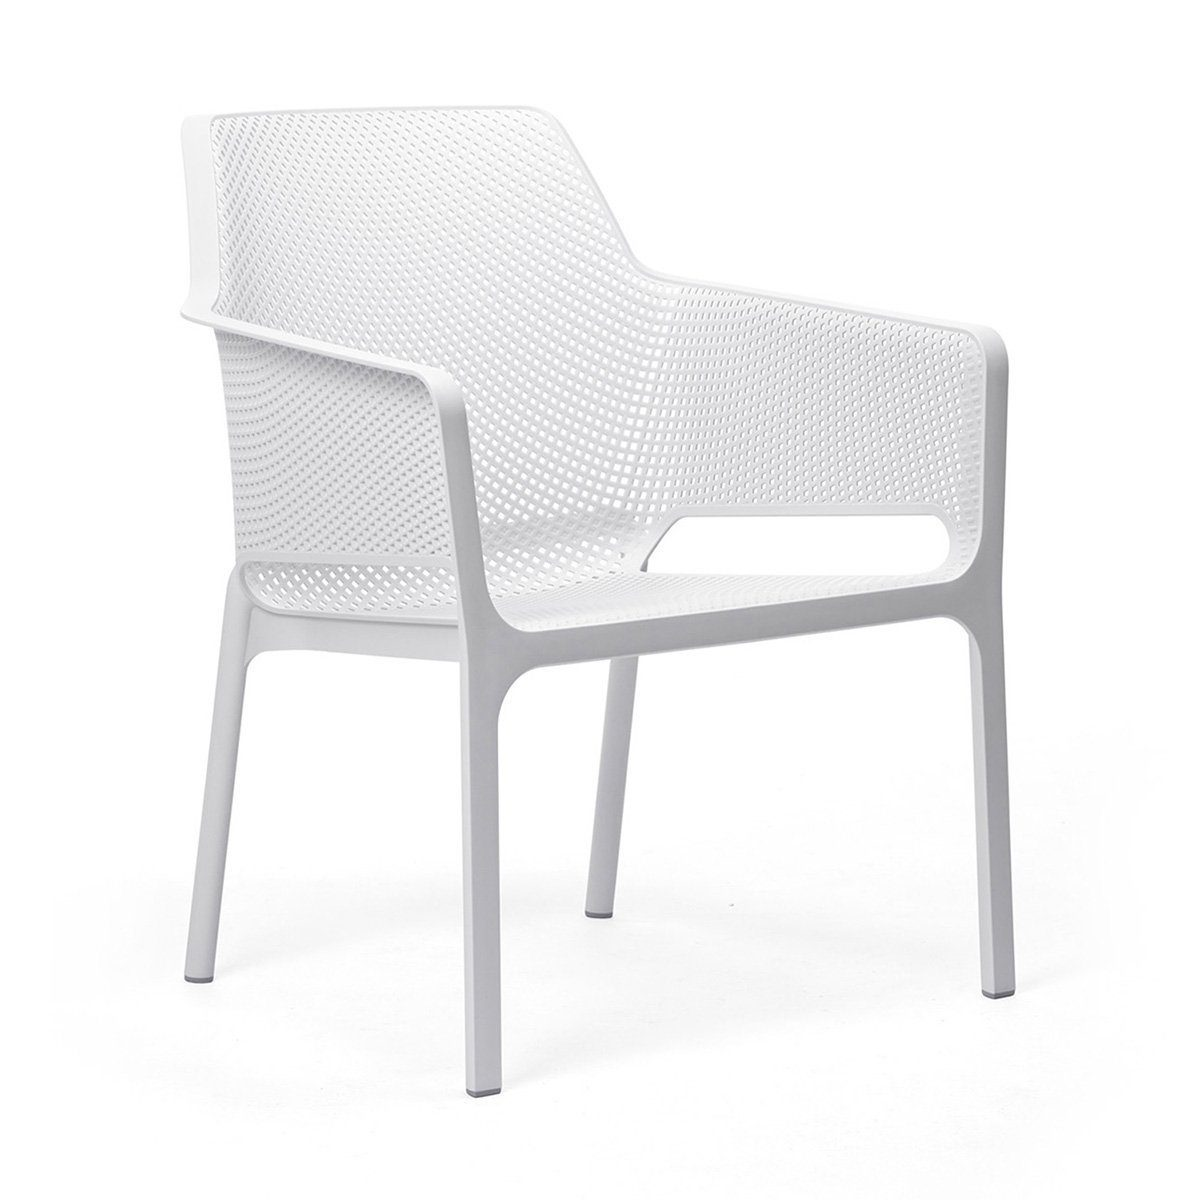 Net relax stol i vitt.